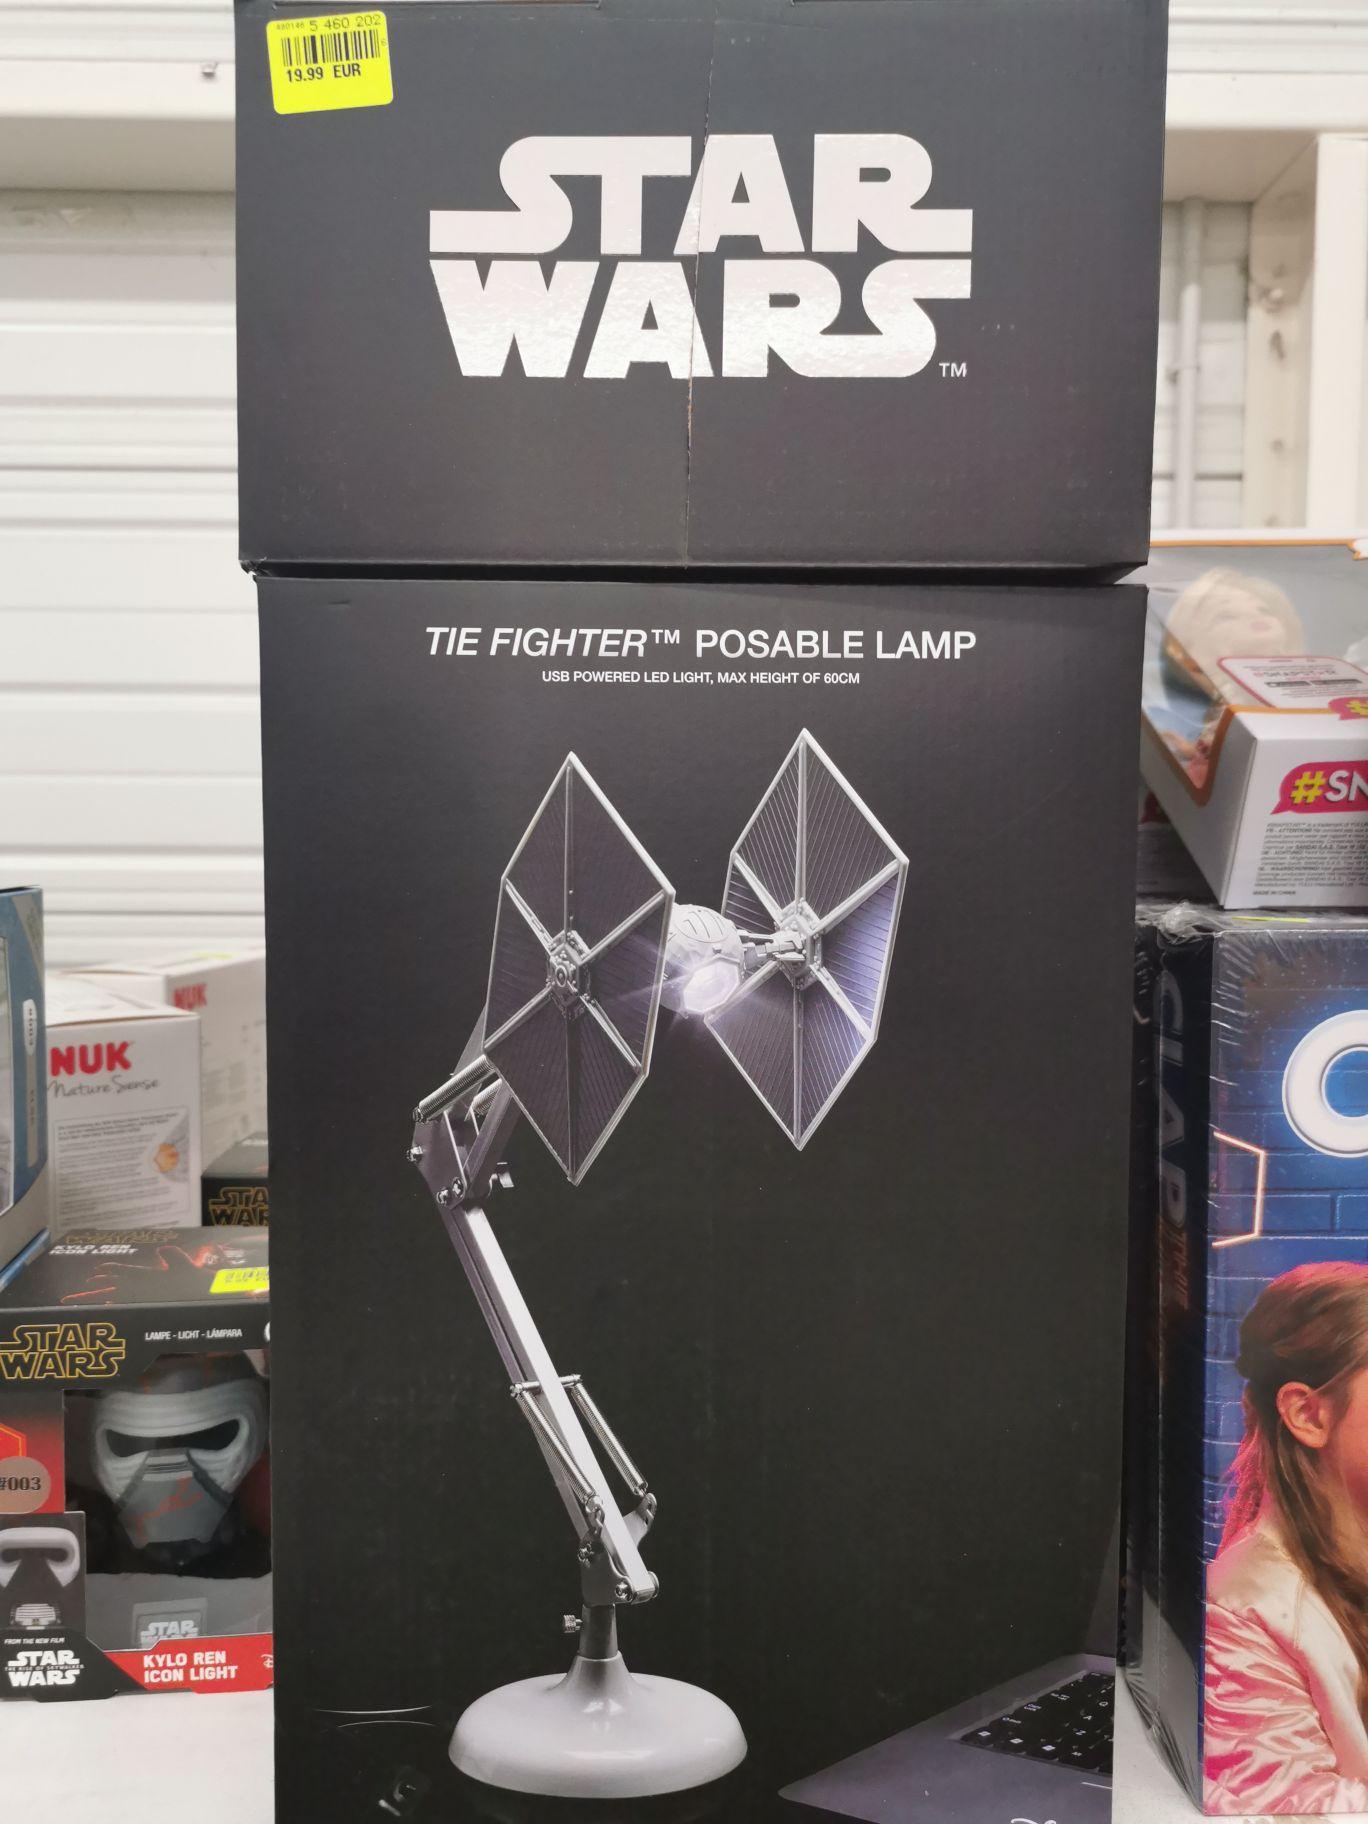 Lampe de bureau LED Star Wars Tie Fighter (via USB, 60 cm) - Cholet / Rennes (35/49)